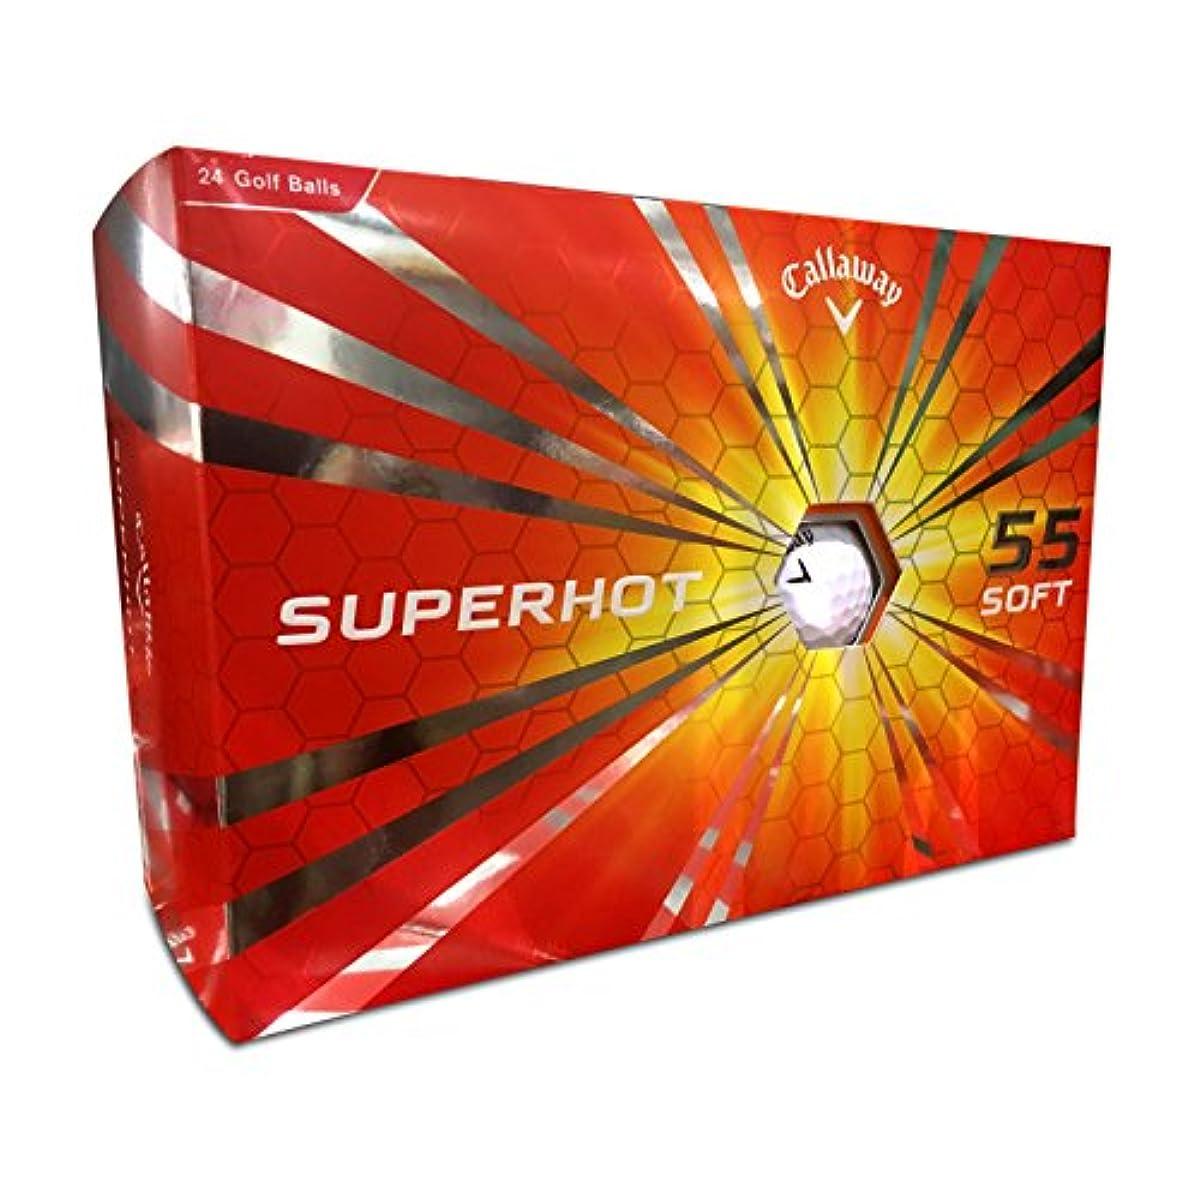 [해외] CALLAWAY 캘러웨이 SUPERHOT55 소프트볼 3박스 세트(24개)